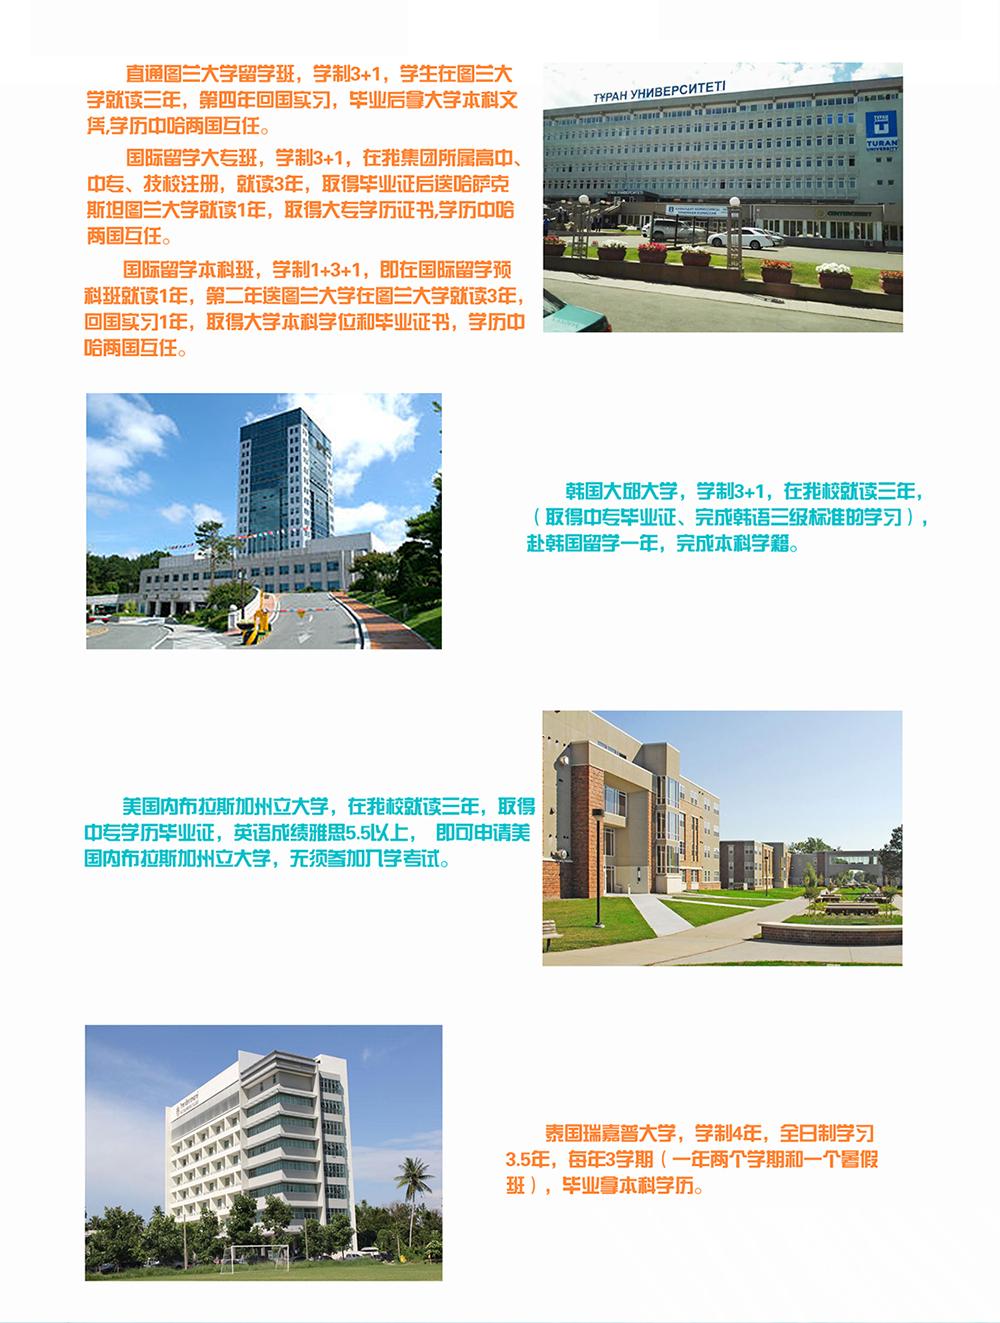 甘肃北方技工学校